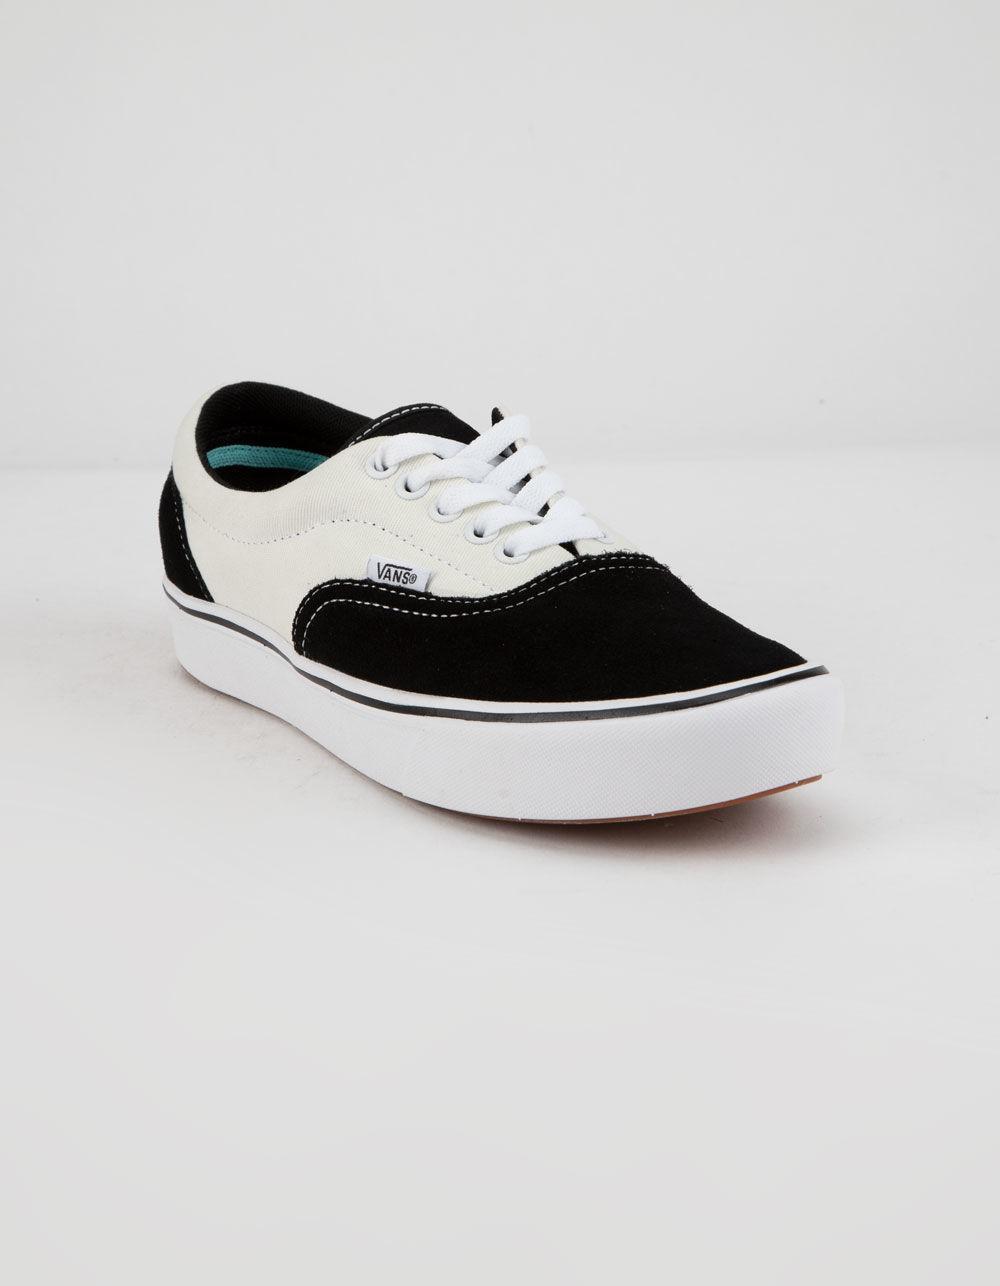 d4f72181446 Lyst - Vans Comfycush Era Black   Mars Shoes in Black